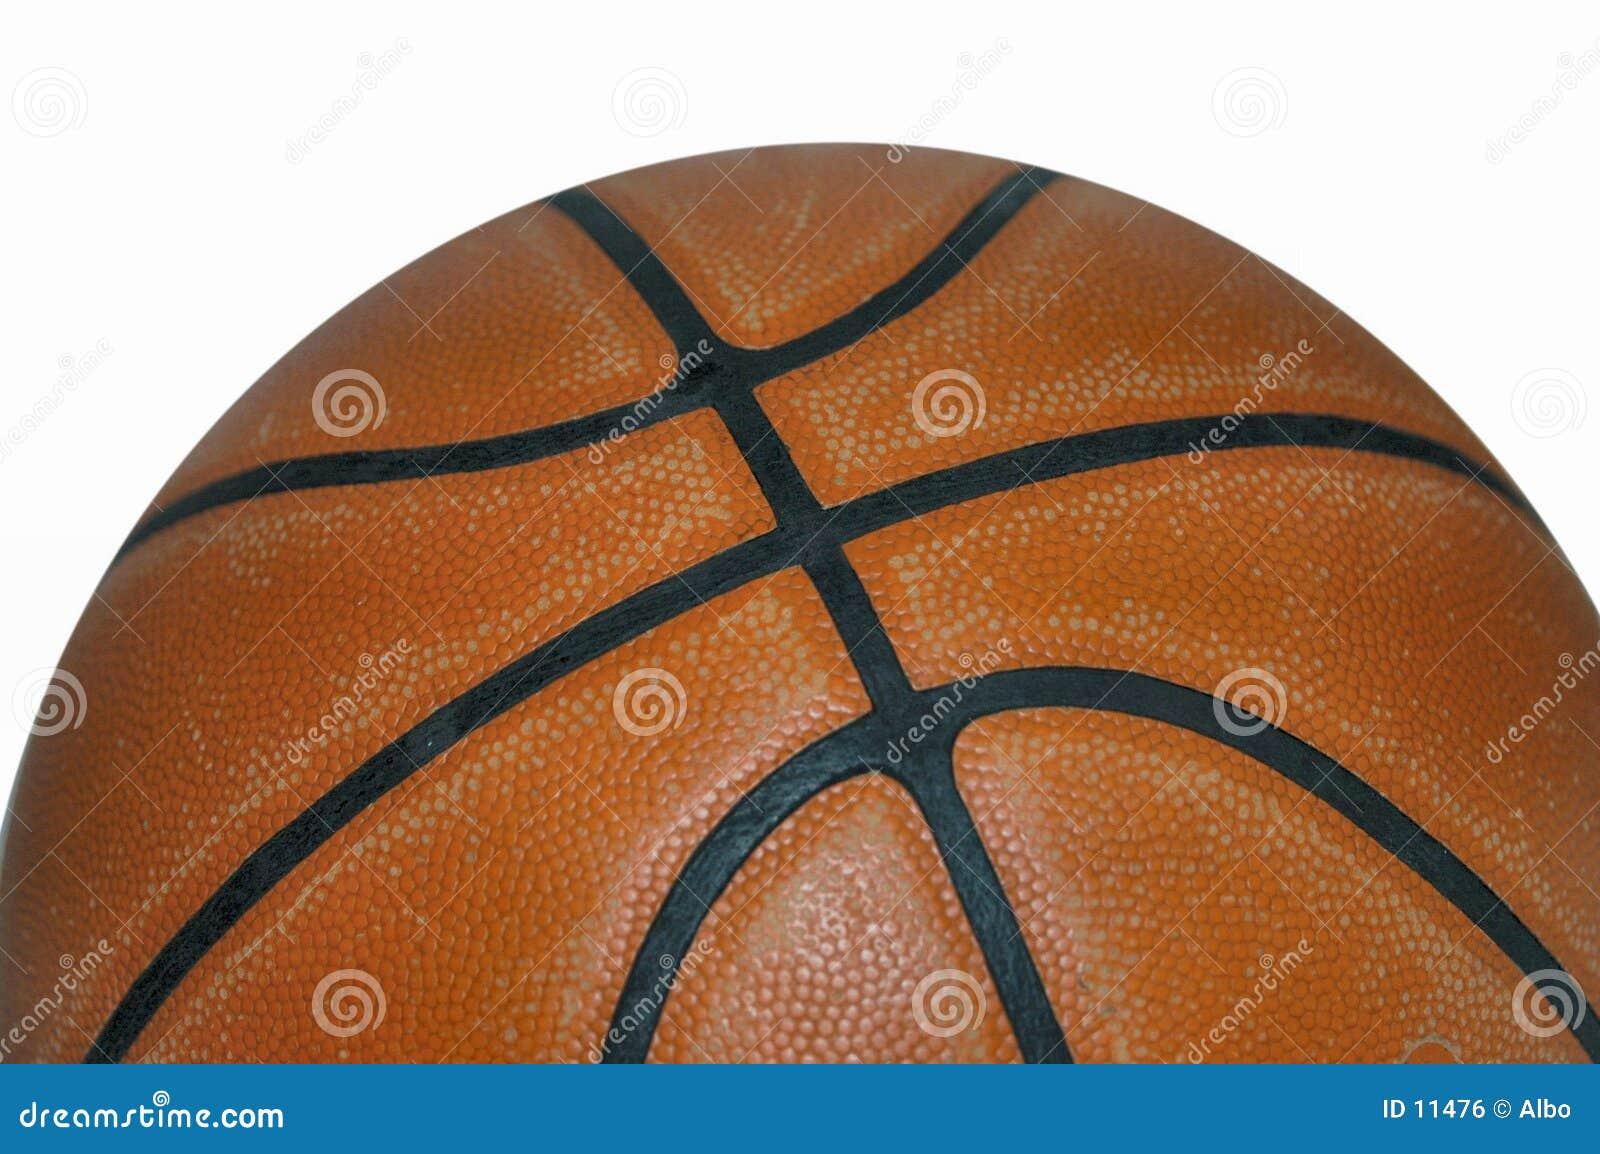 Half basketball